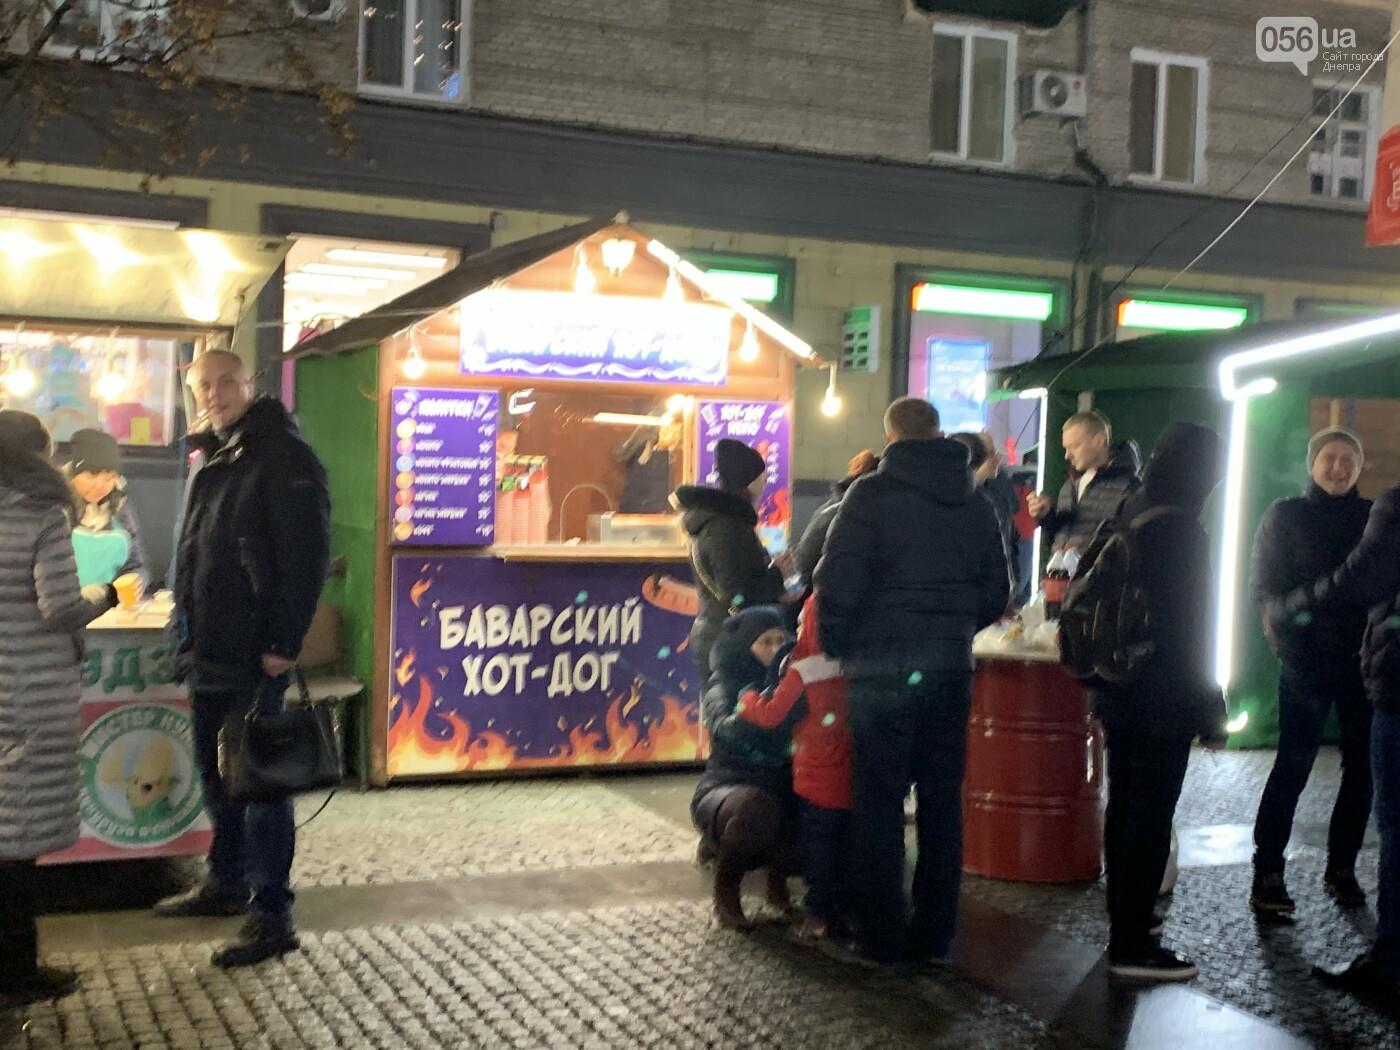 Центральная елка и Рождественская ярмарка в Днепре: что там можно найти, - ФОТО, фото-18